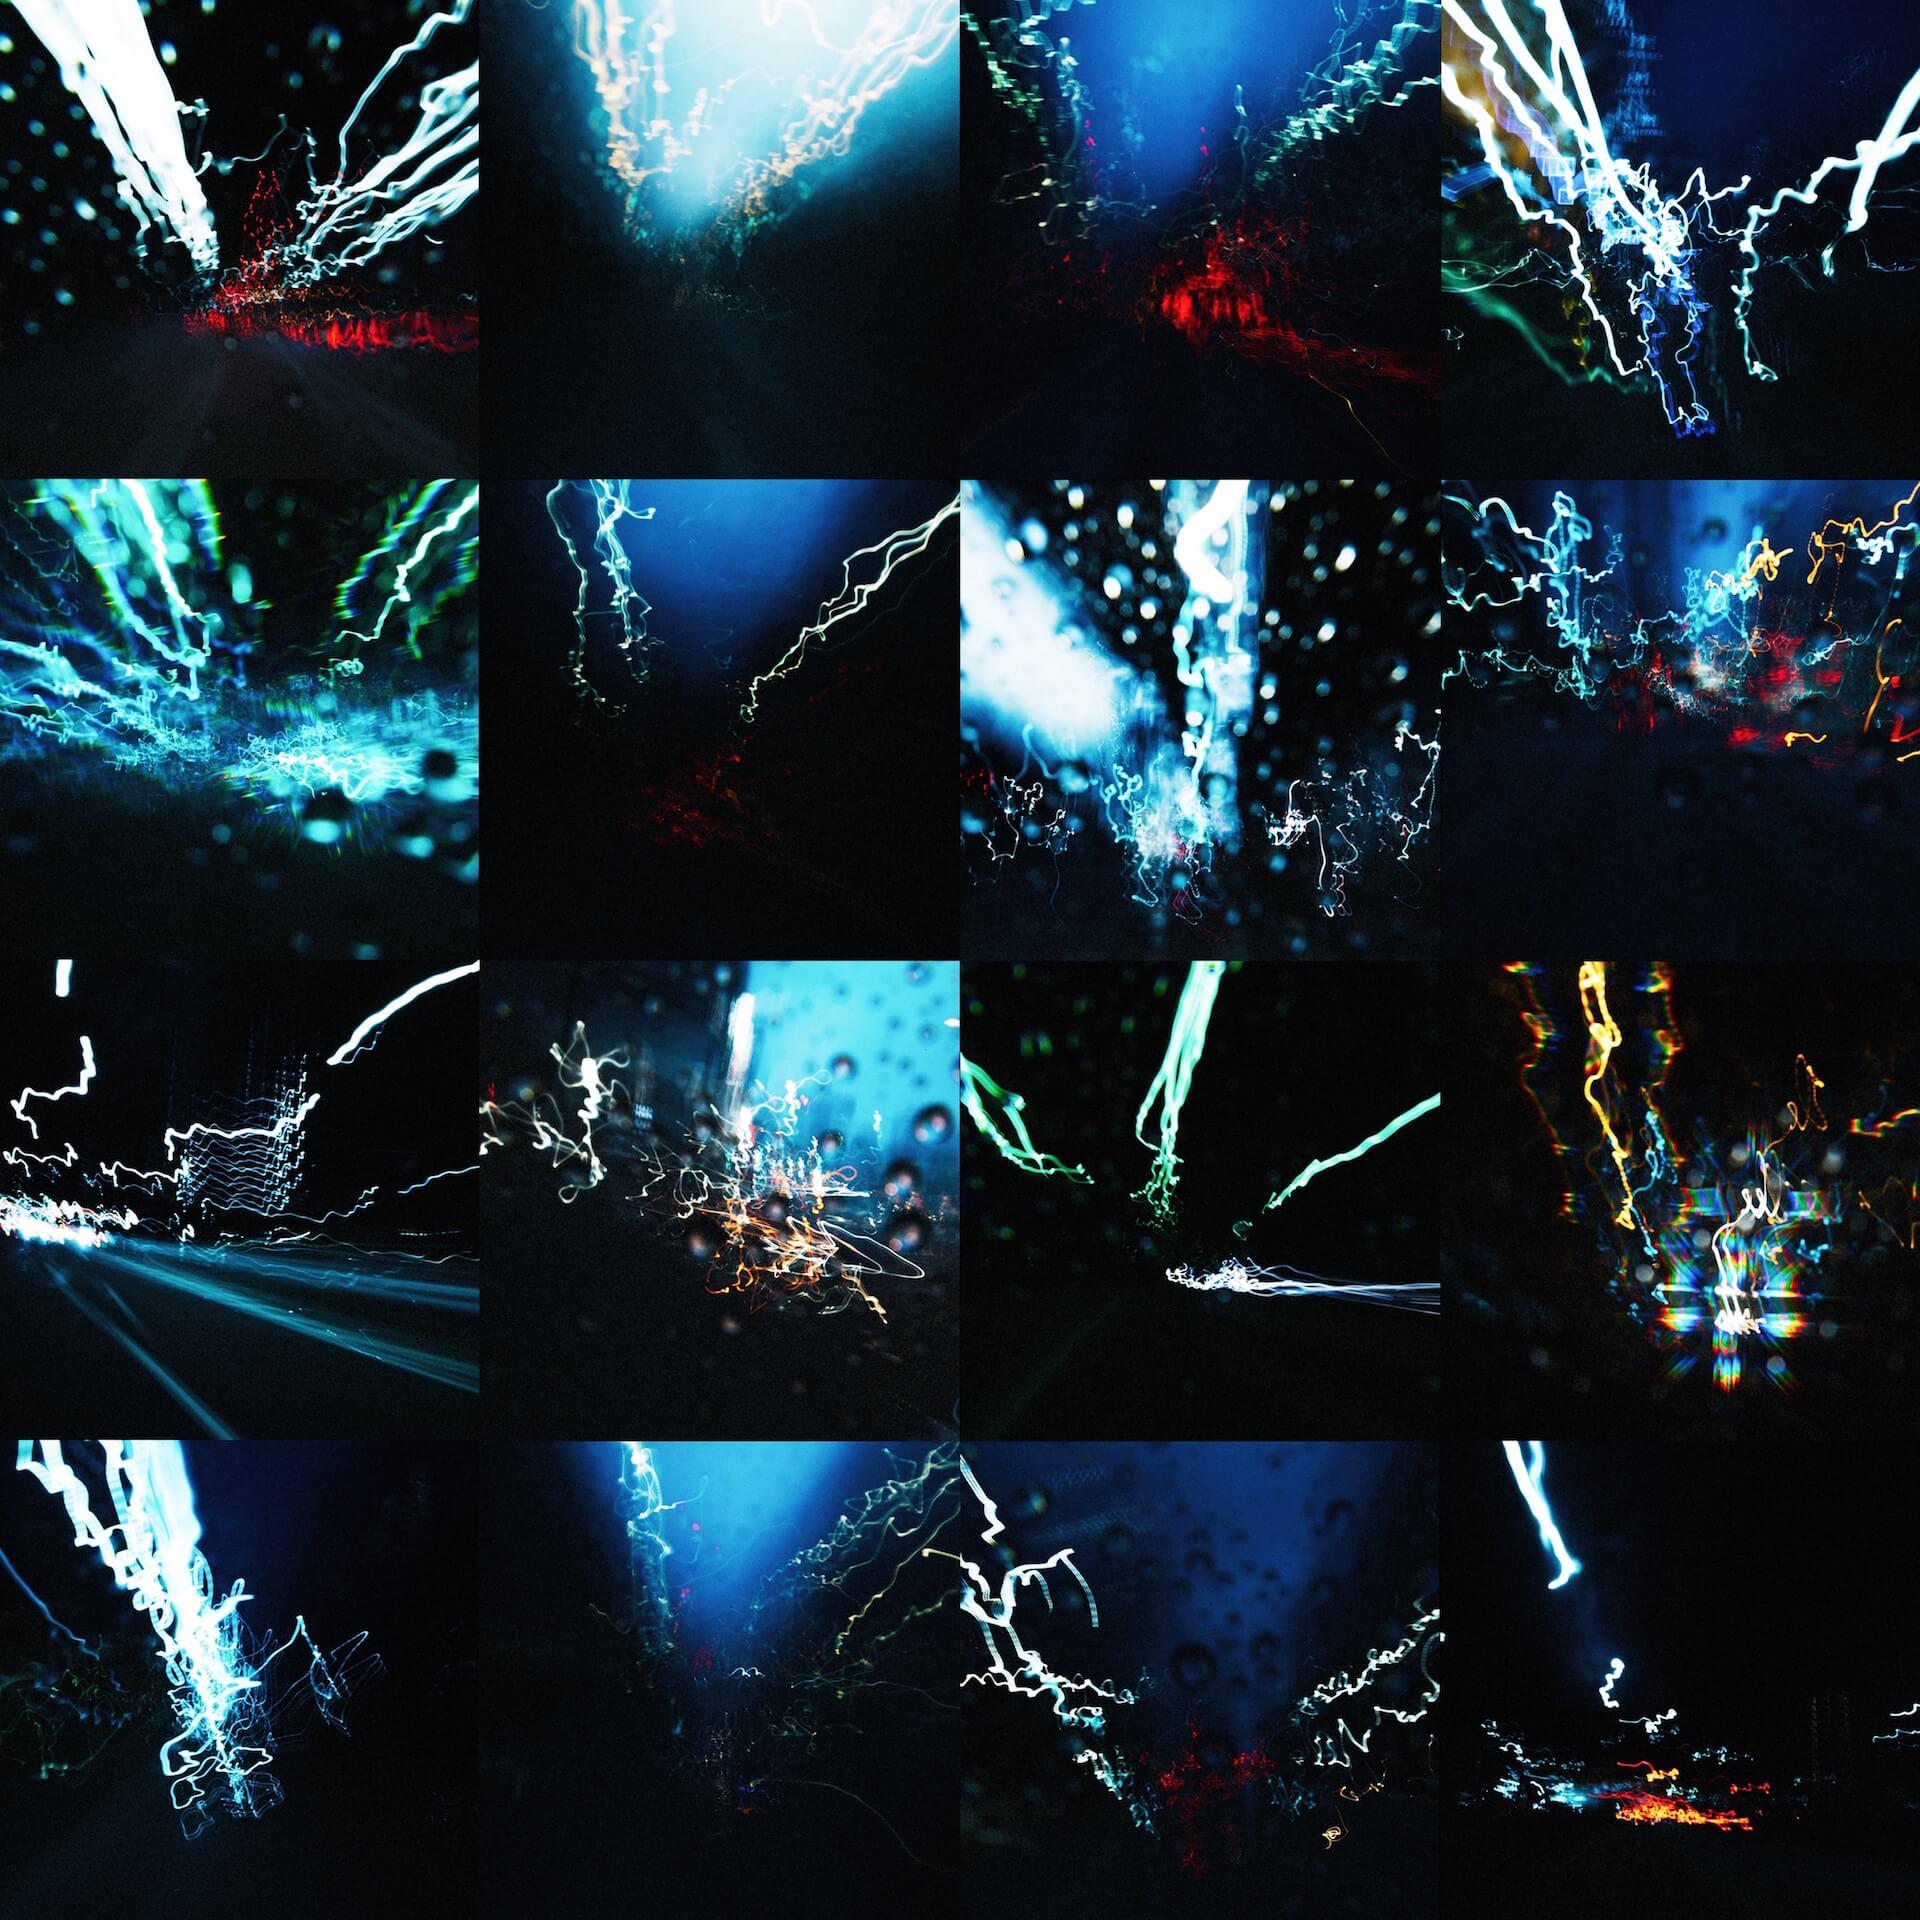 Lupe Fiascoが取り上げ話題となったDaichi Yamamotoのニューシングル「Escape」がリリース music190710-daichi-yamamoto-2